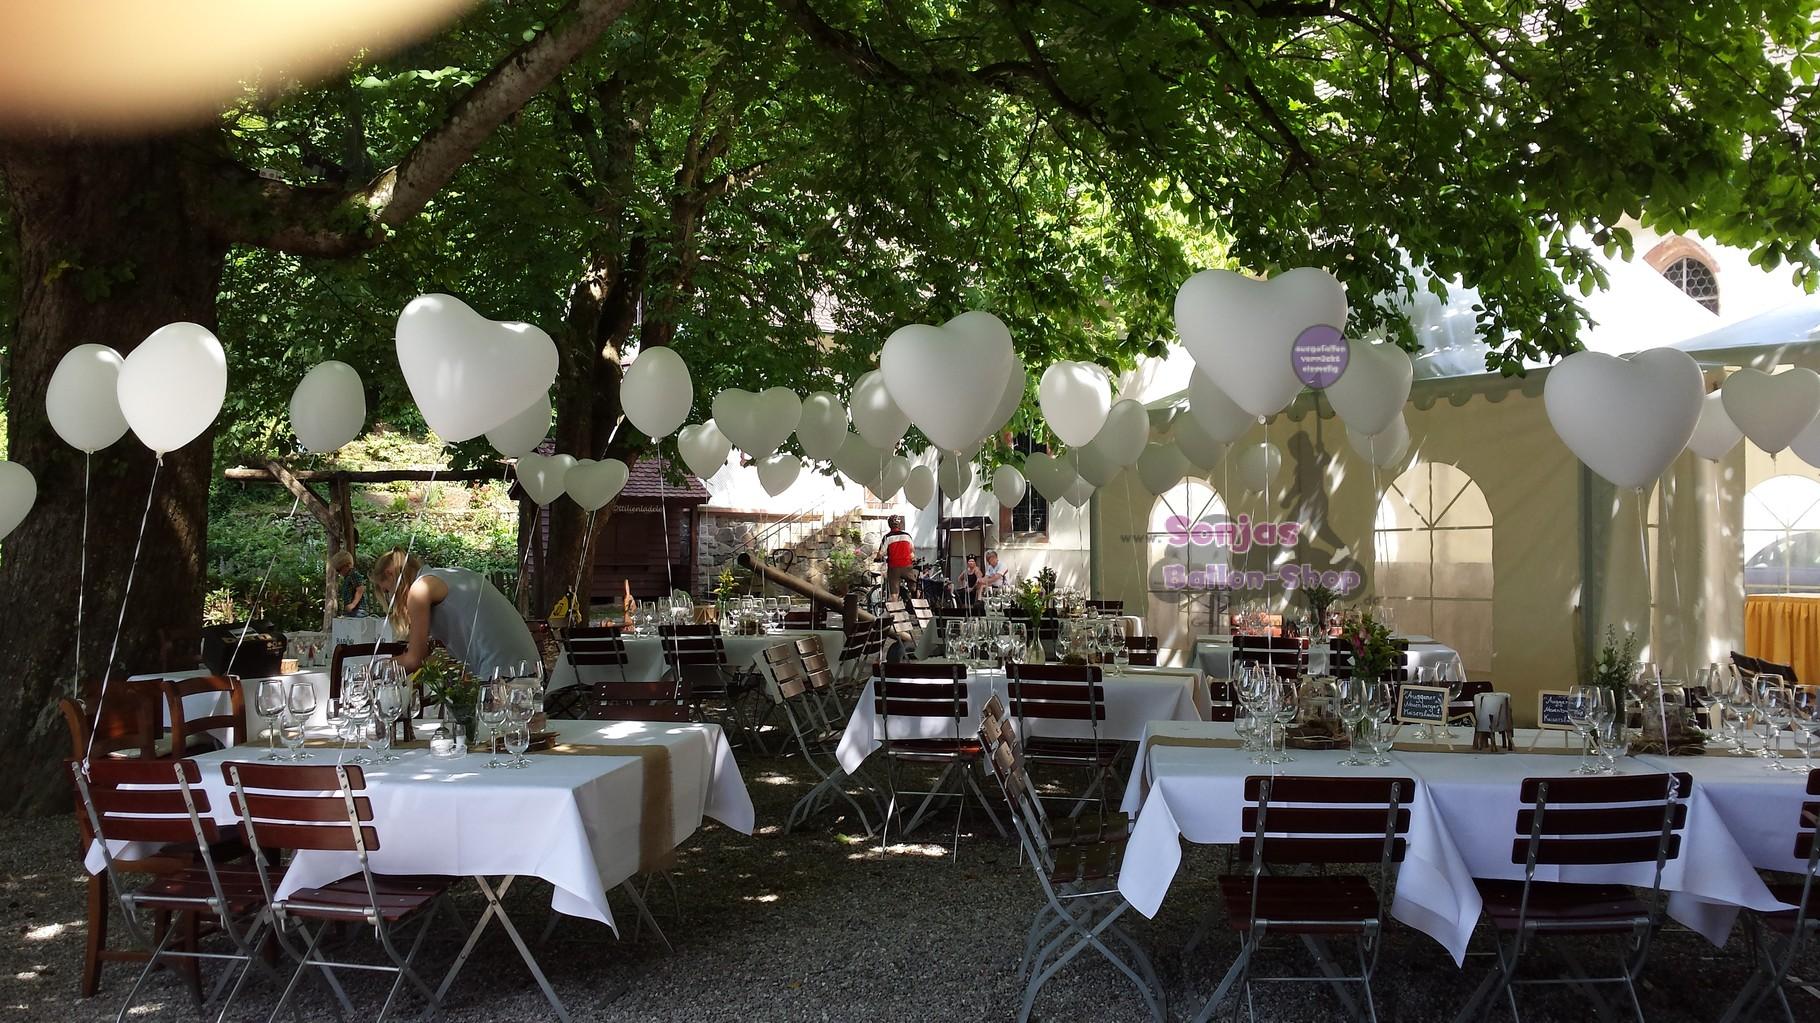 Heliumherzen Gartendekoration (Herzballon einzeln 2,30 €)